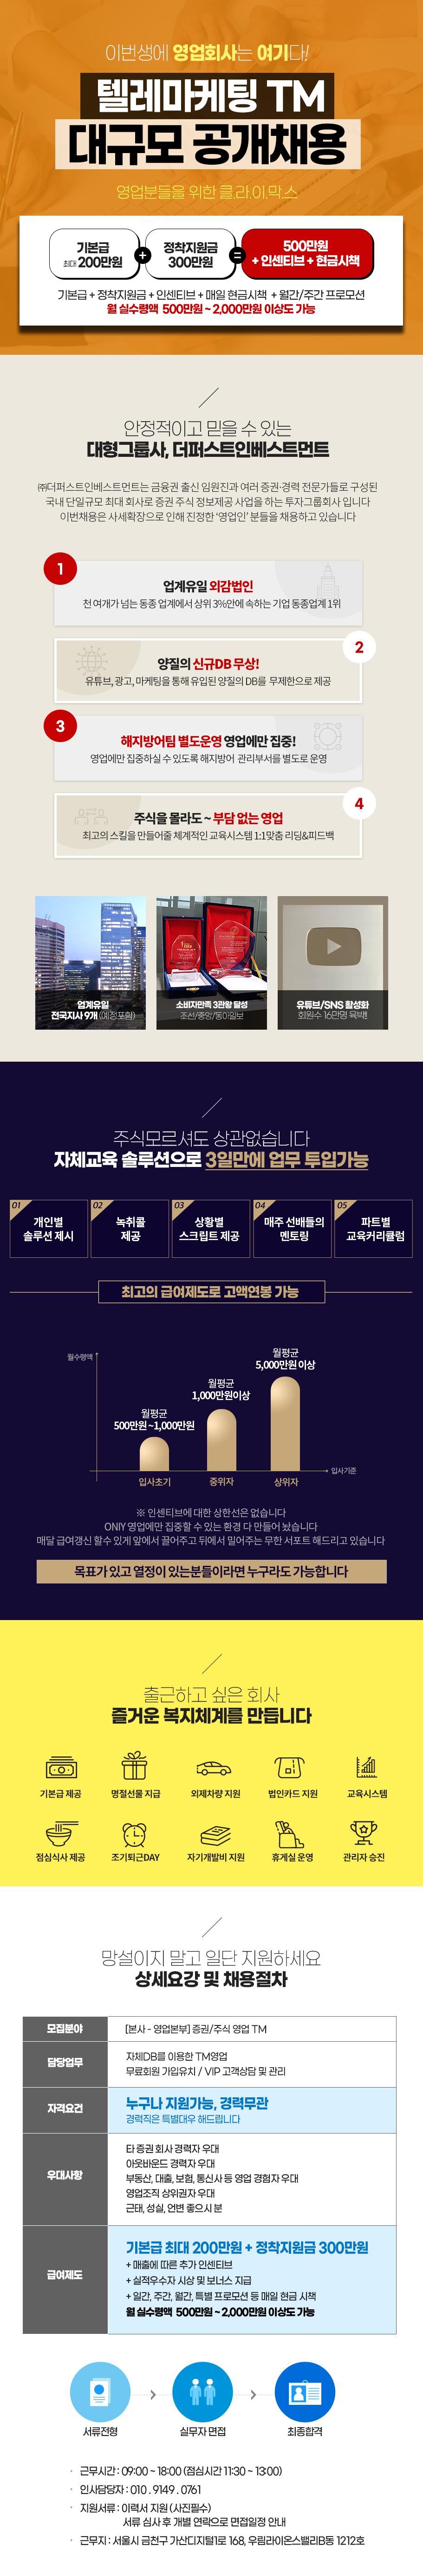 ㈜더퍼스트인베스트먼트 [월4,000만원이상가능] 증권/주식영업TM-매일현금시상/중식제공/업계최고우대